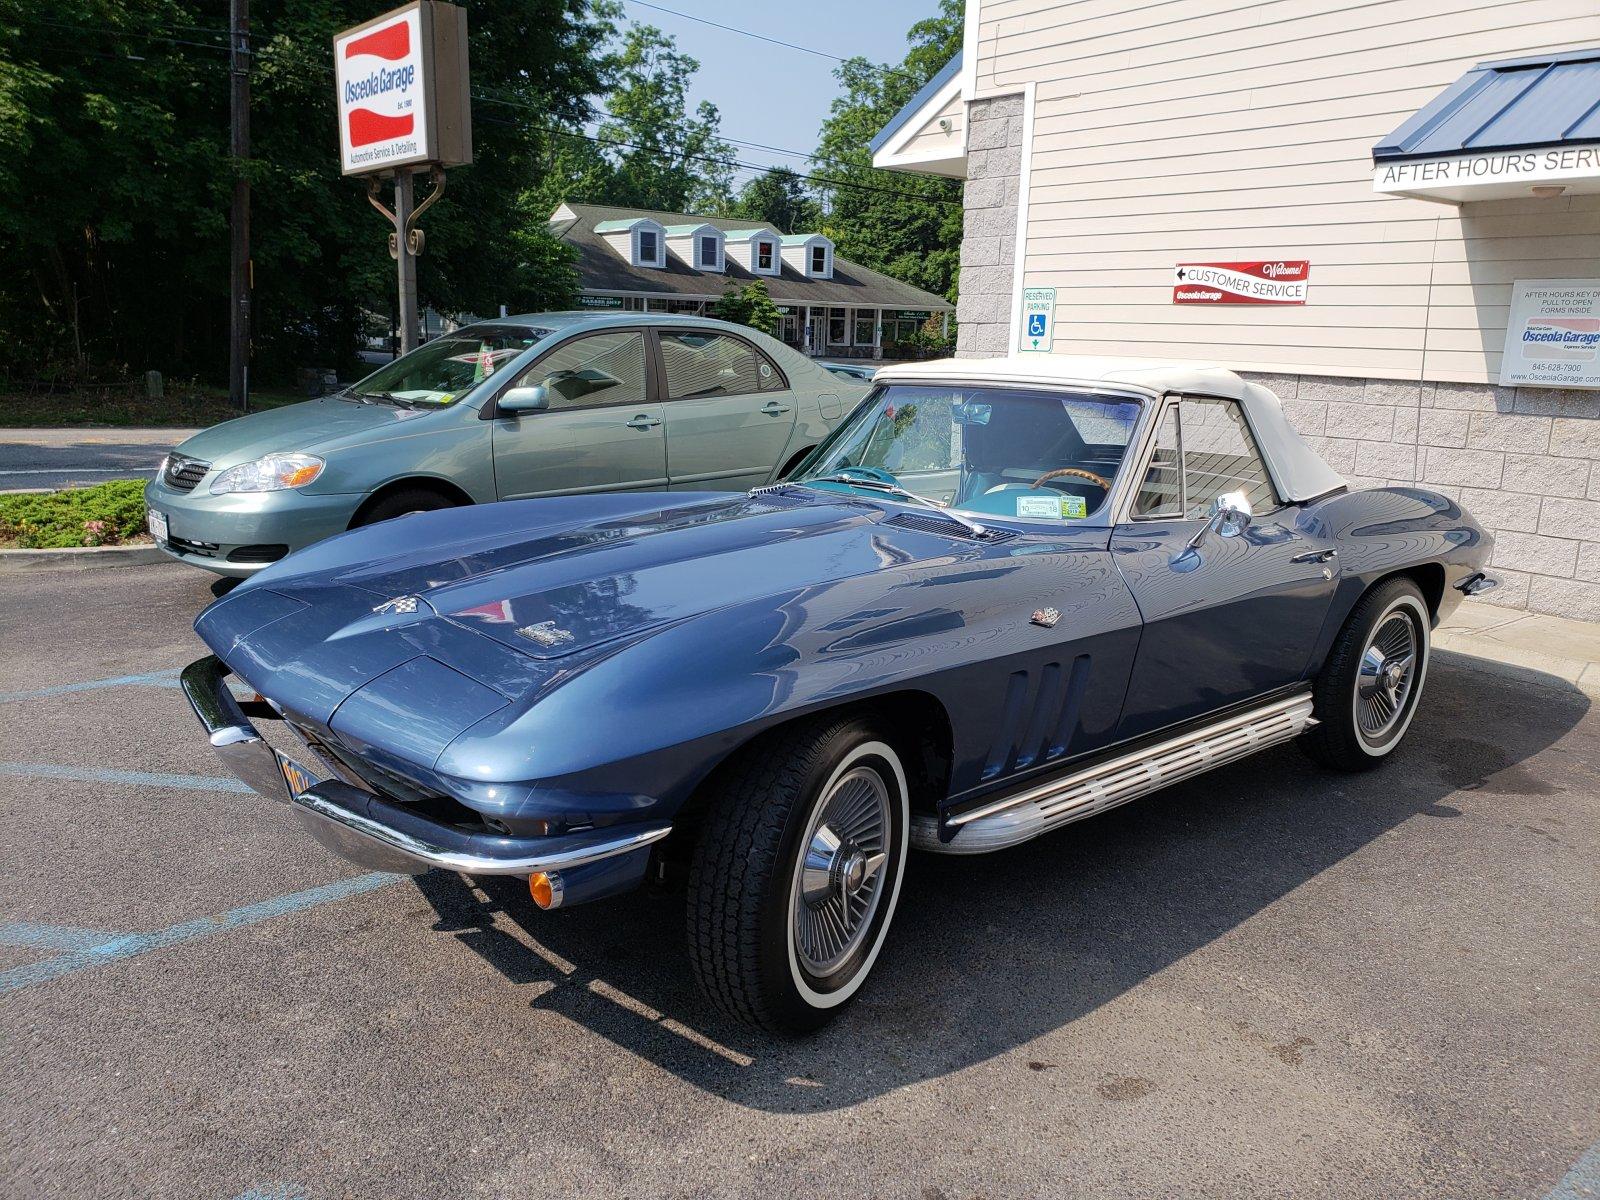 1966 Corvette - True muscle car - 350 w/standard Trans